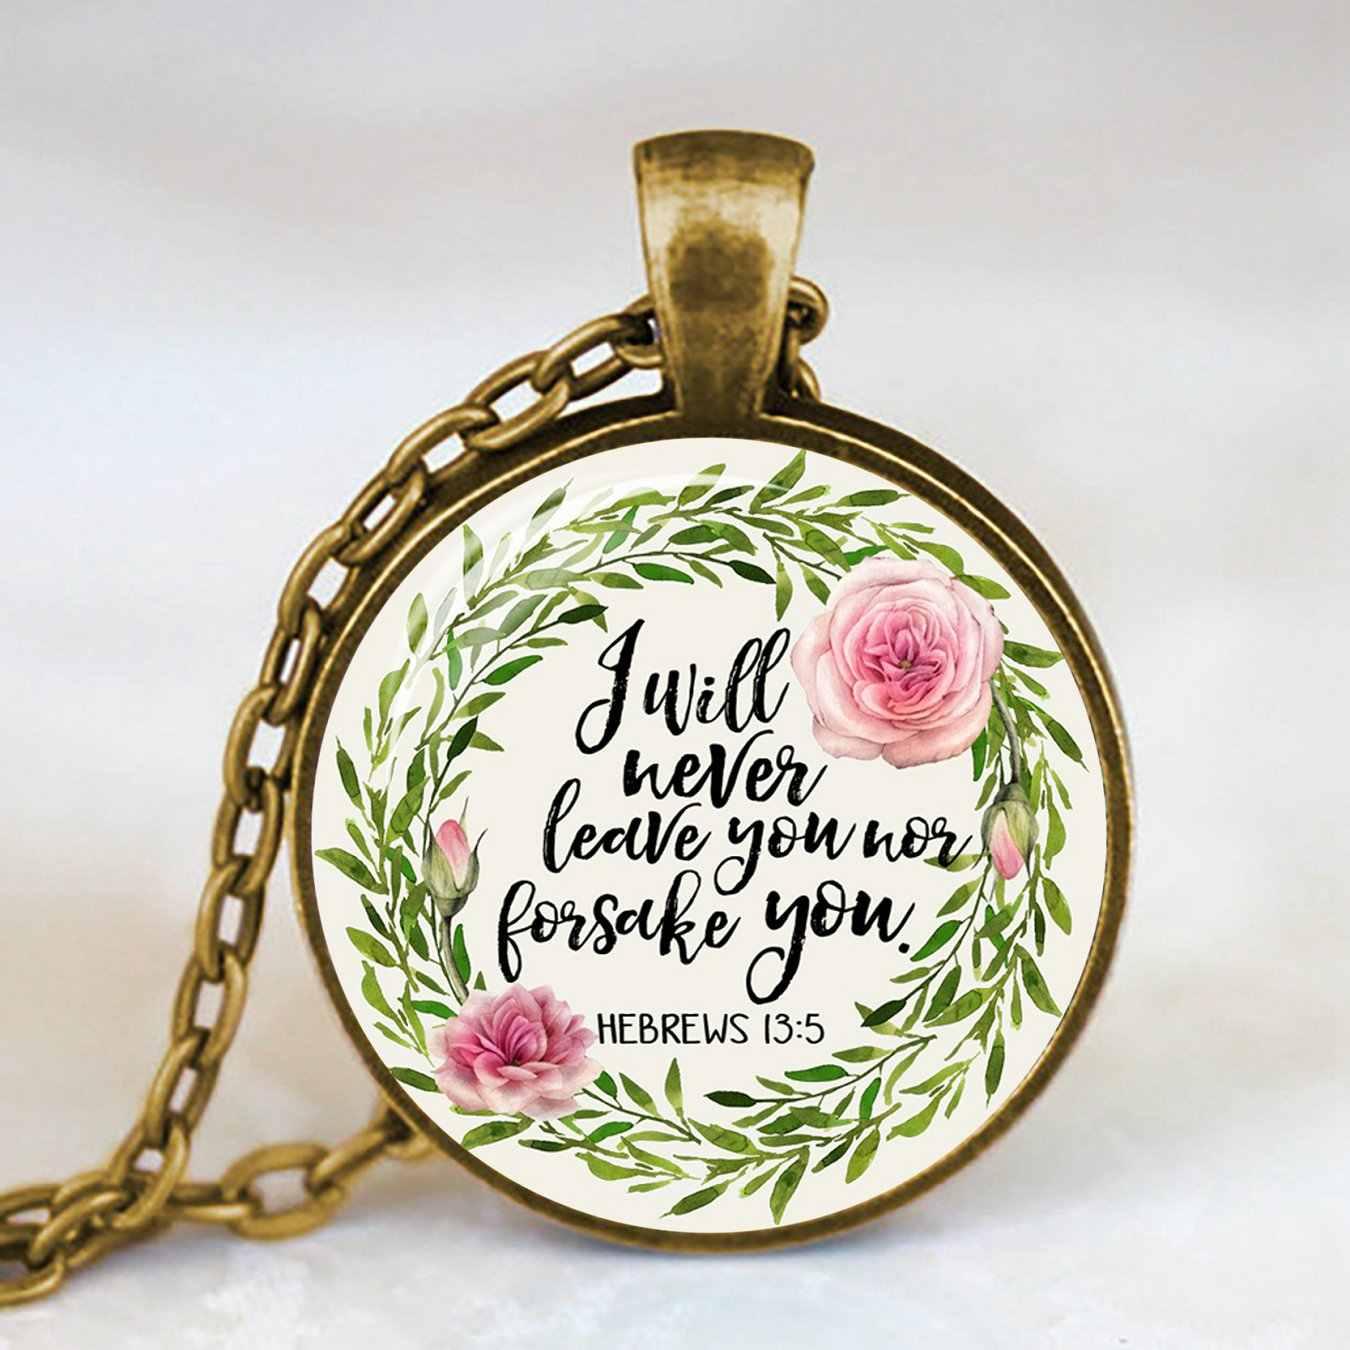 Antiguo bronce hecho a mano Biblia verso collar cúpula de cristal collar escritura cita joyería fiesta cristiana madre hermana regalos